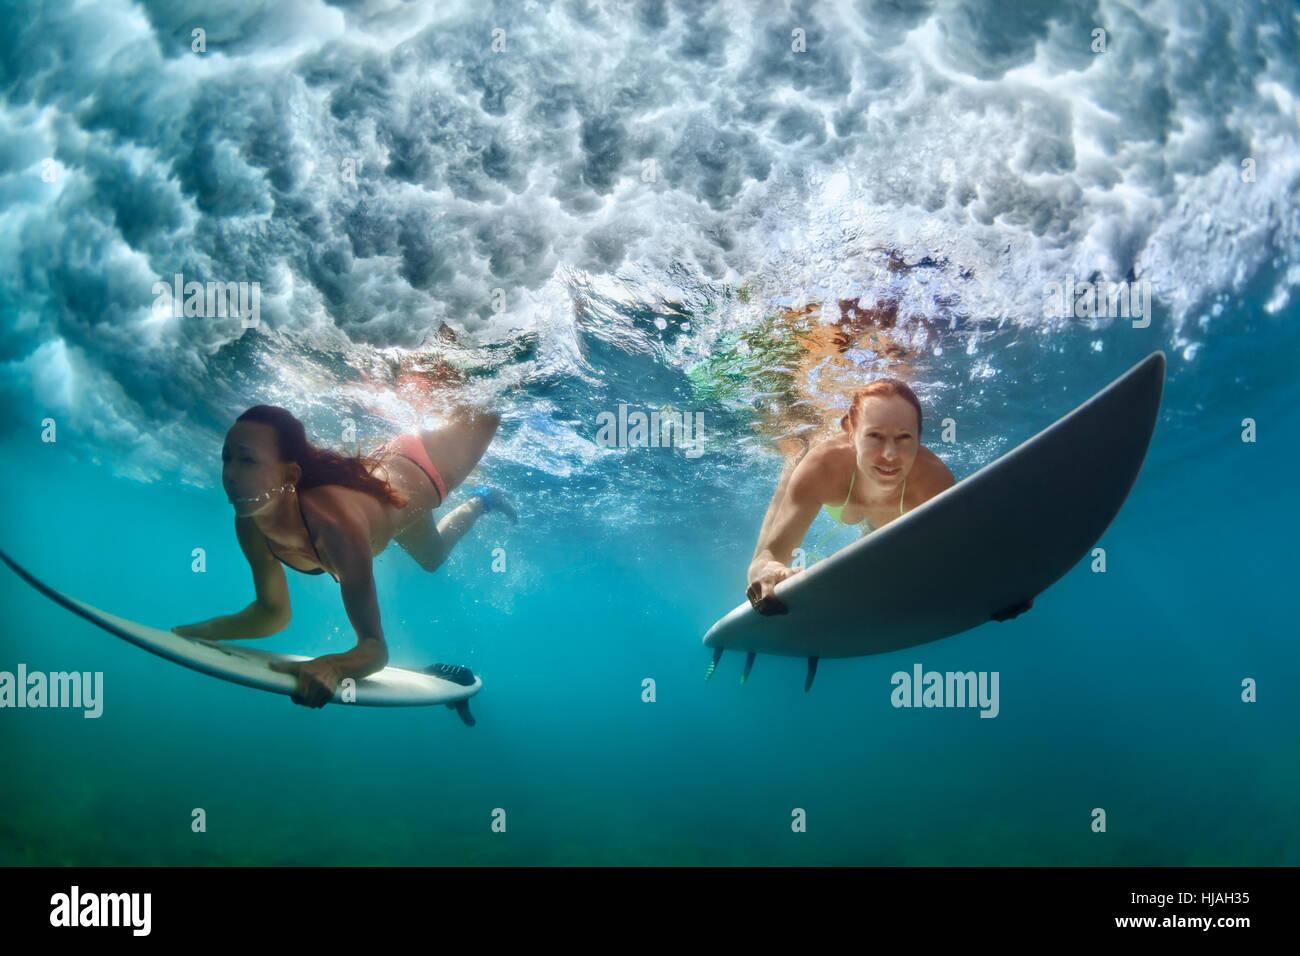 Grupo de niñas en acción. Surfer mujeres con surf buceo bajo submarino ola rompiendo. Deporte acuático, surf extremo Foto de stock